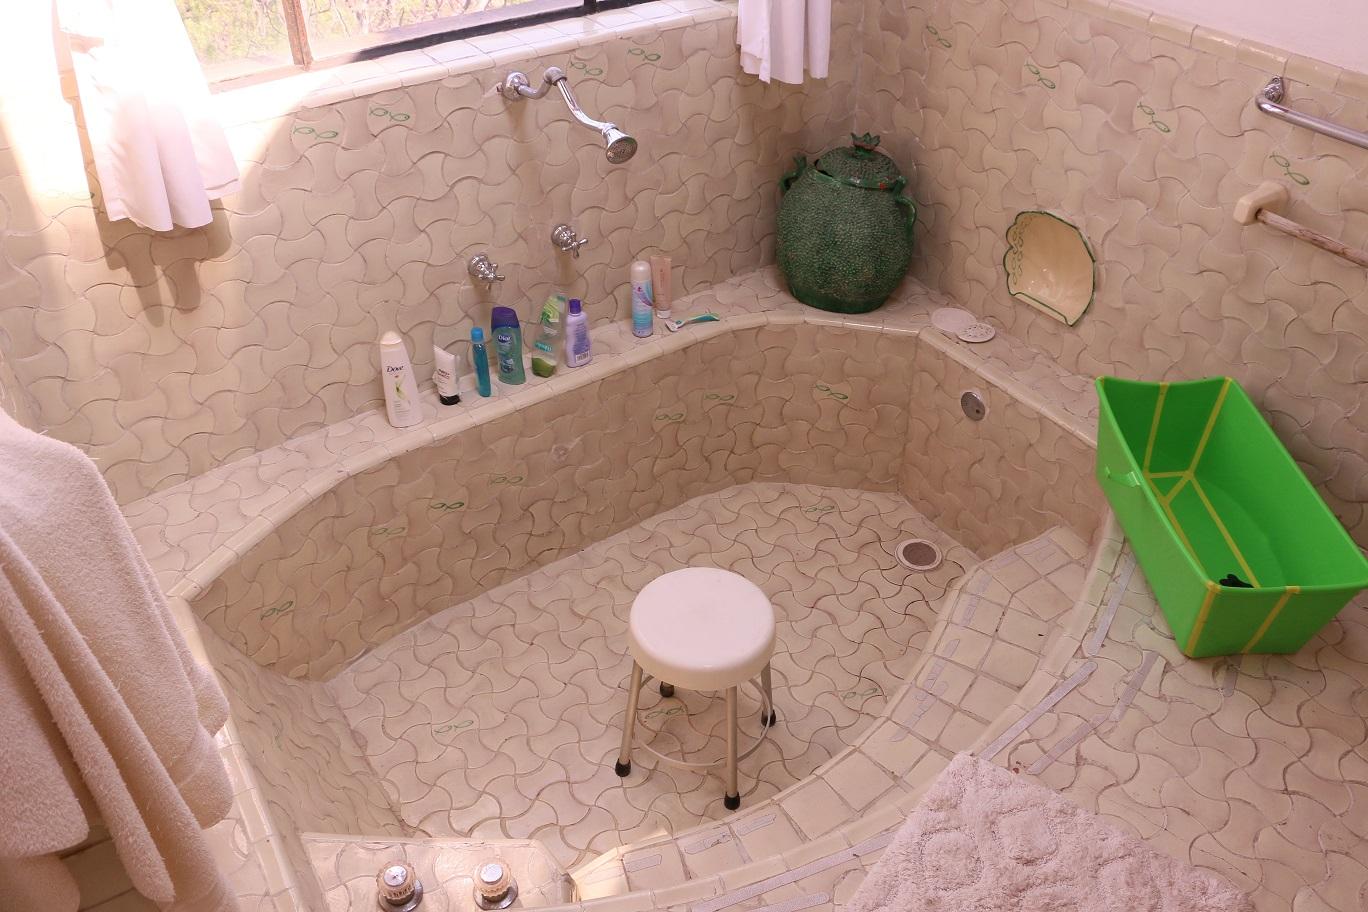 Az alacsony zuhanyra, ami alatt széken kell ülni, nincs magyarázat. Mi is azt hittük, hogy ez egy fürdőkád